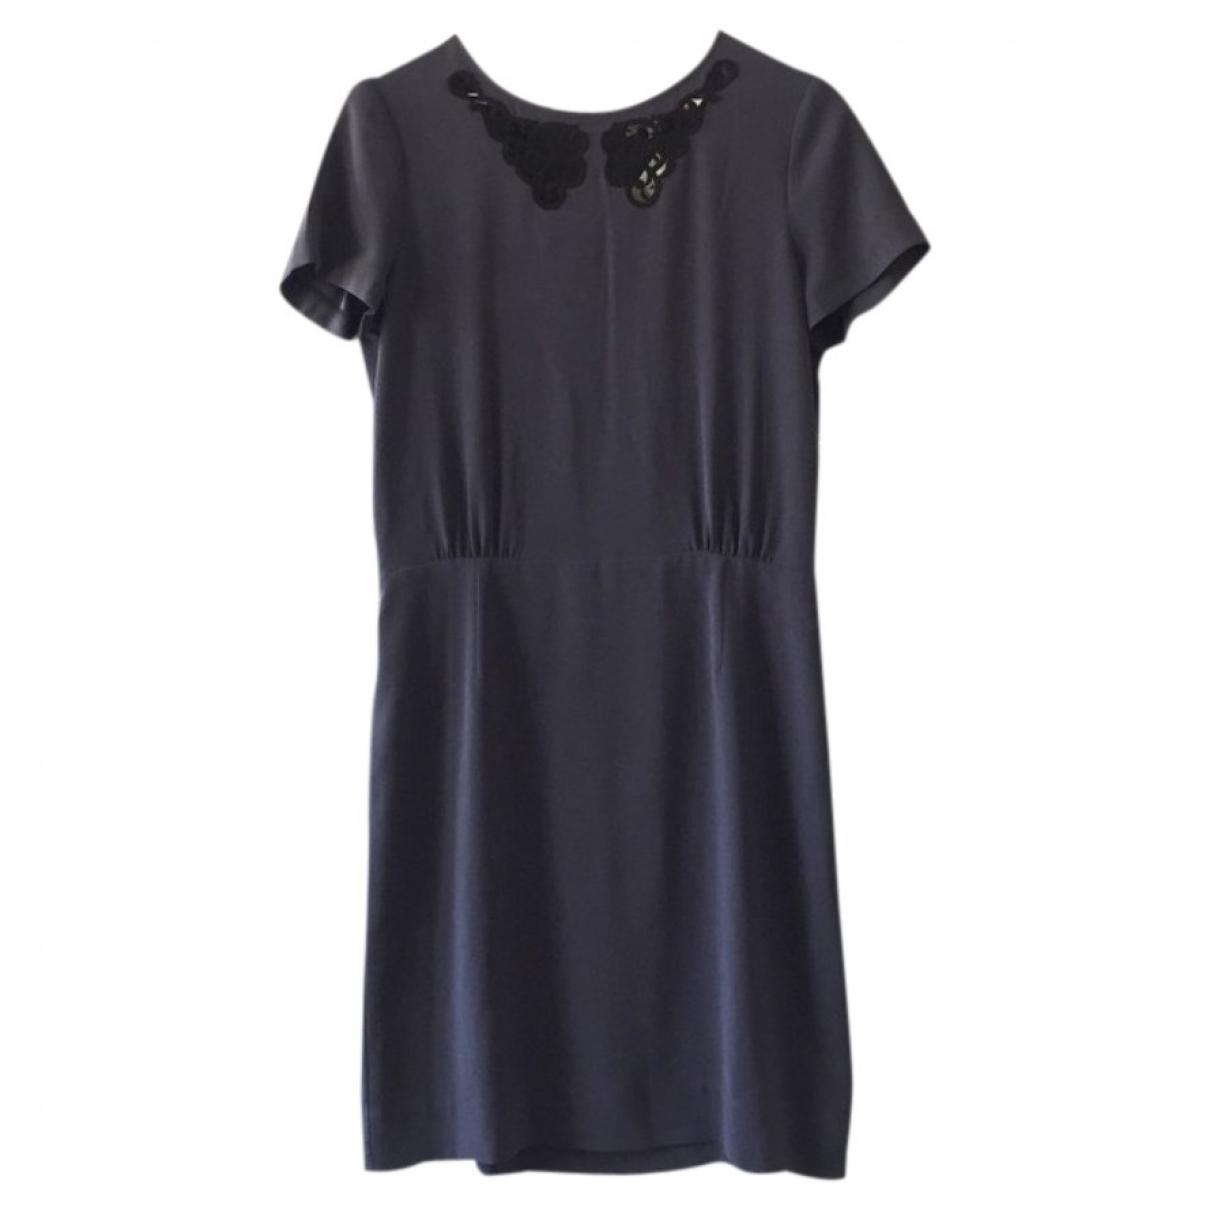 Pablo \N Navy dress for Women 36 FR